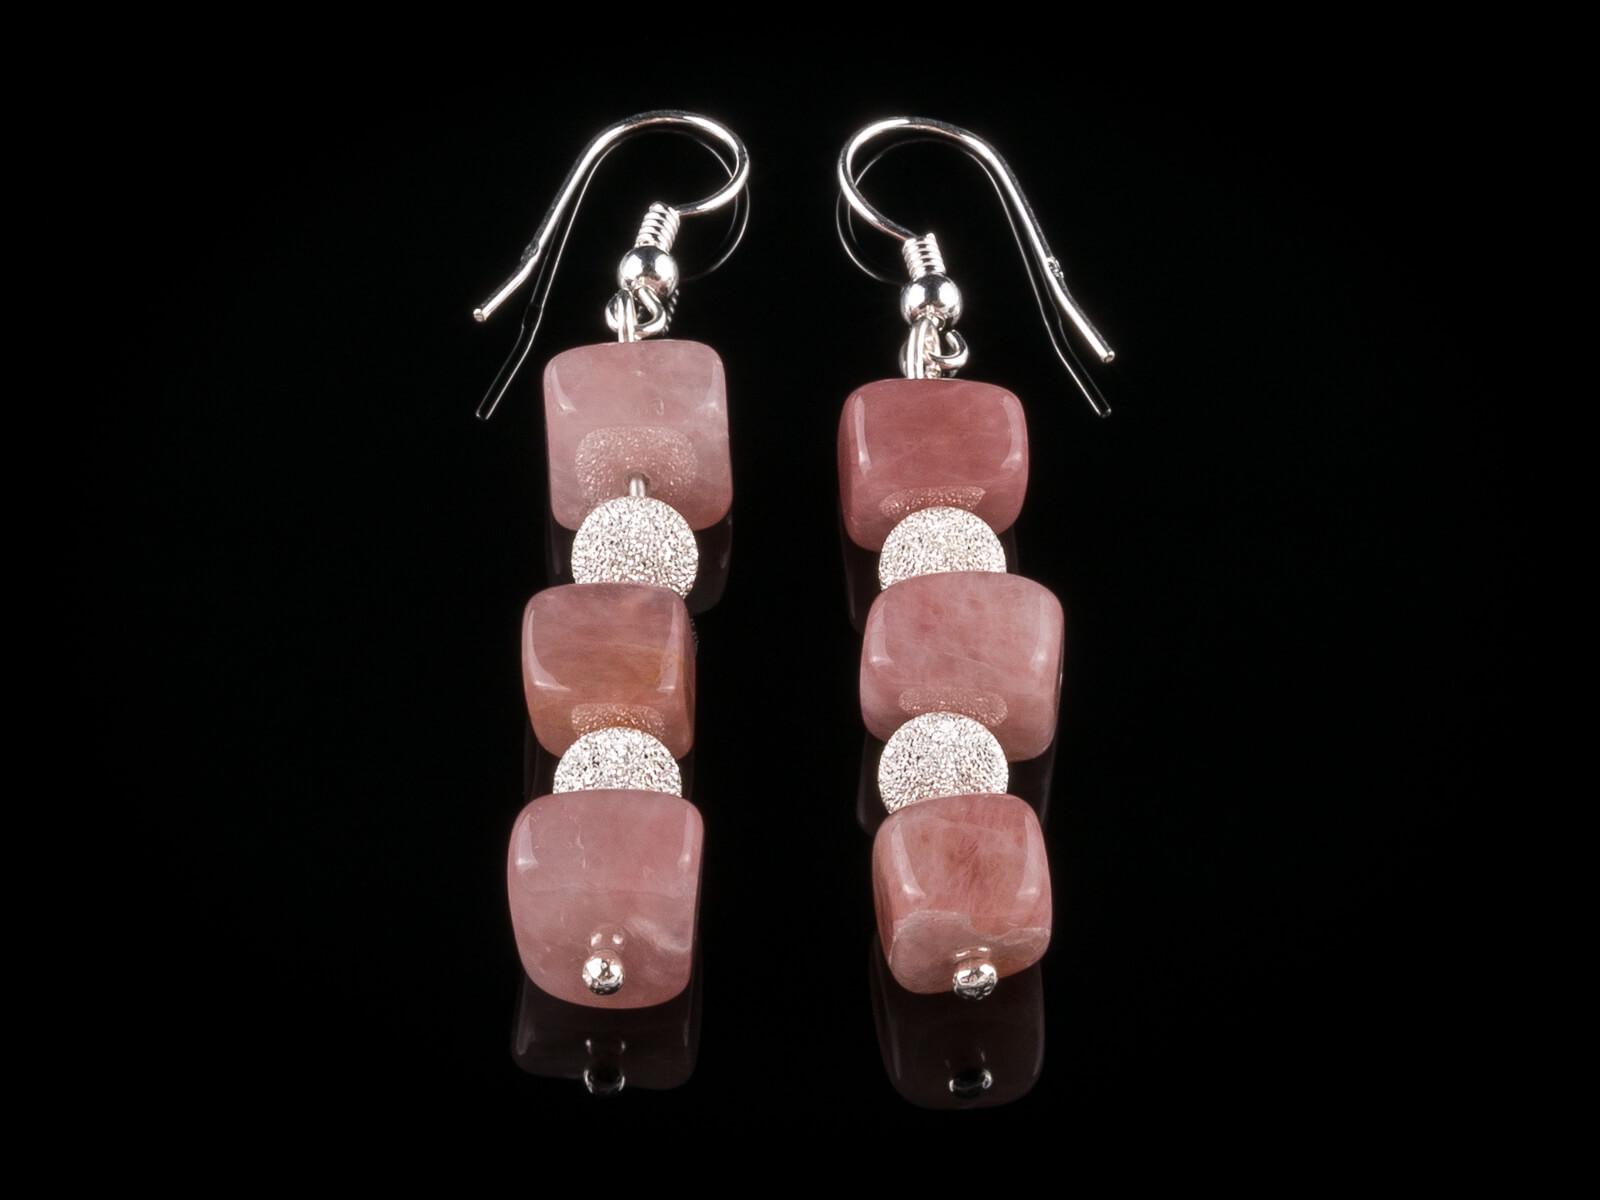 Náušnice z růžového křemene a stříbra